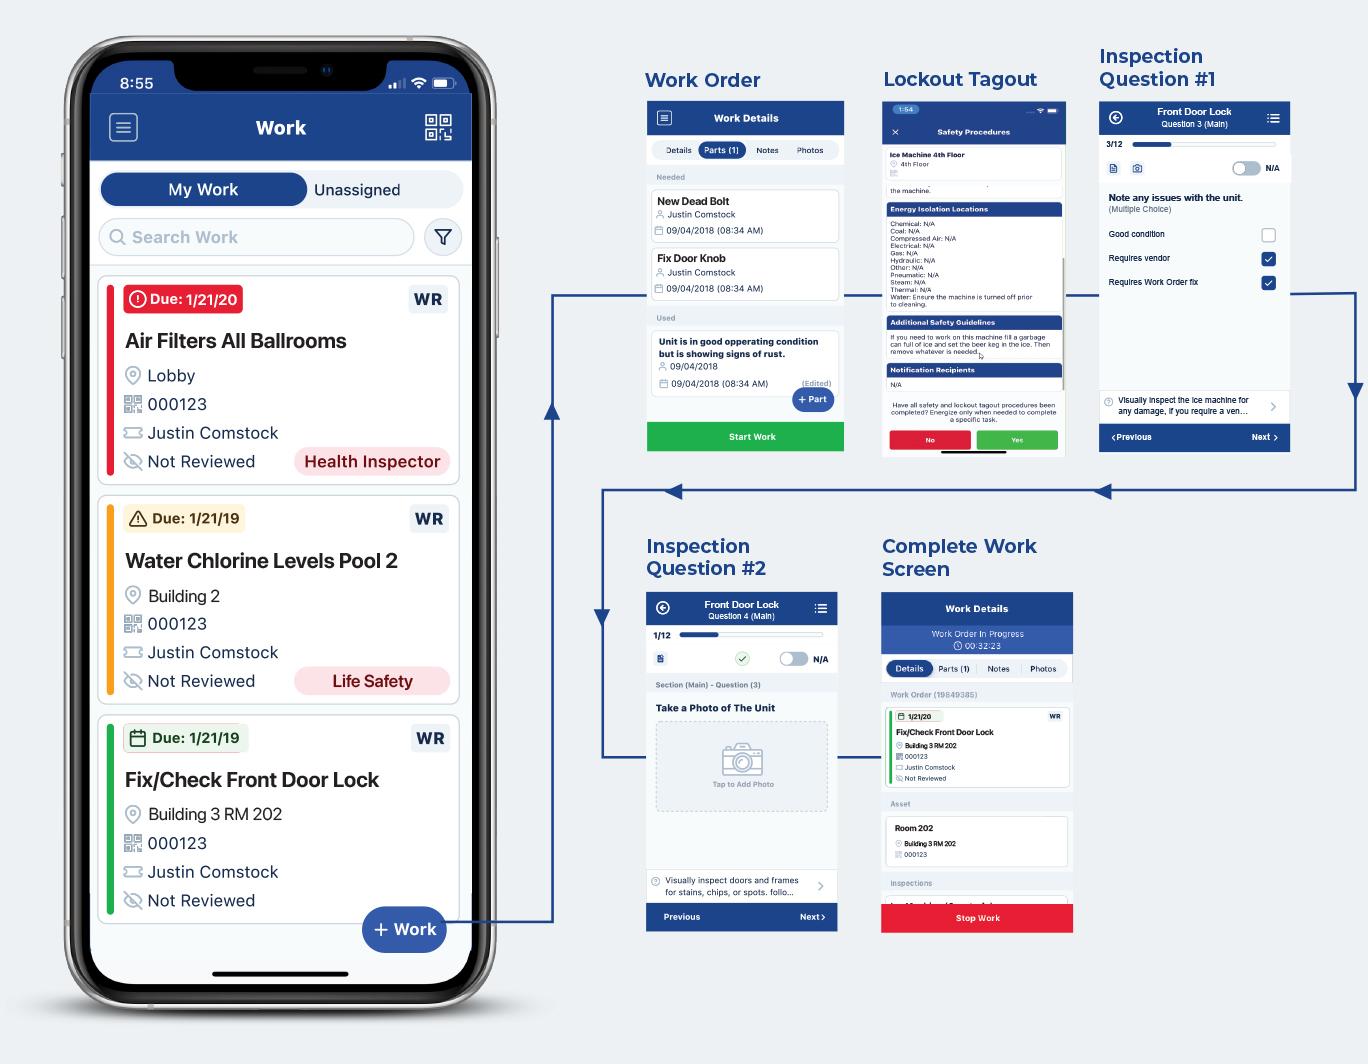 Transcendent Maintenance Mobile App - Work Order Inspection Workflow